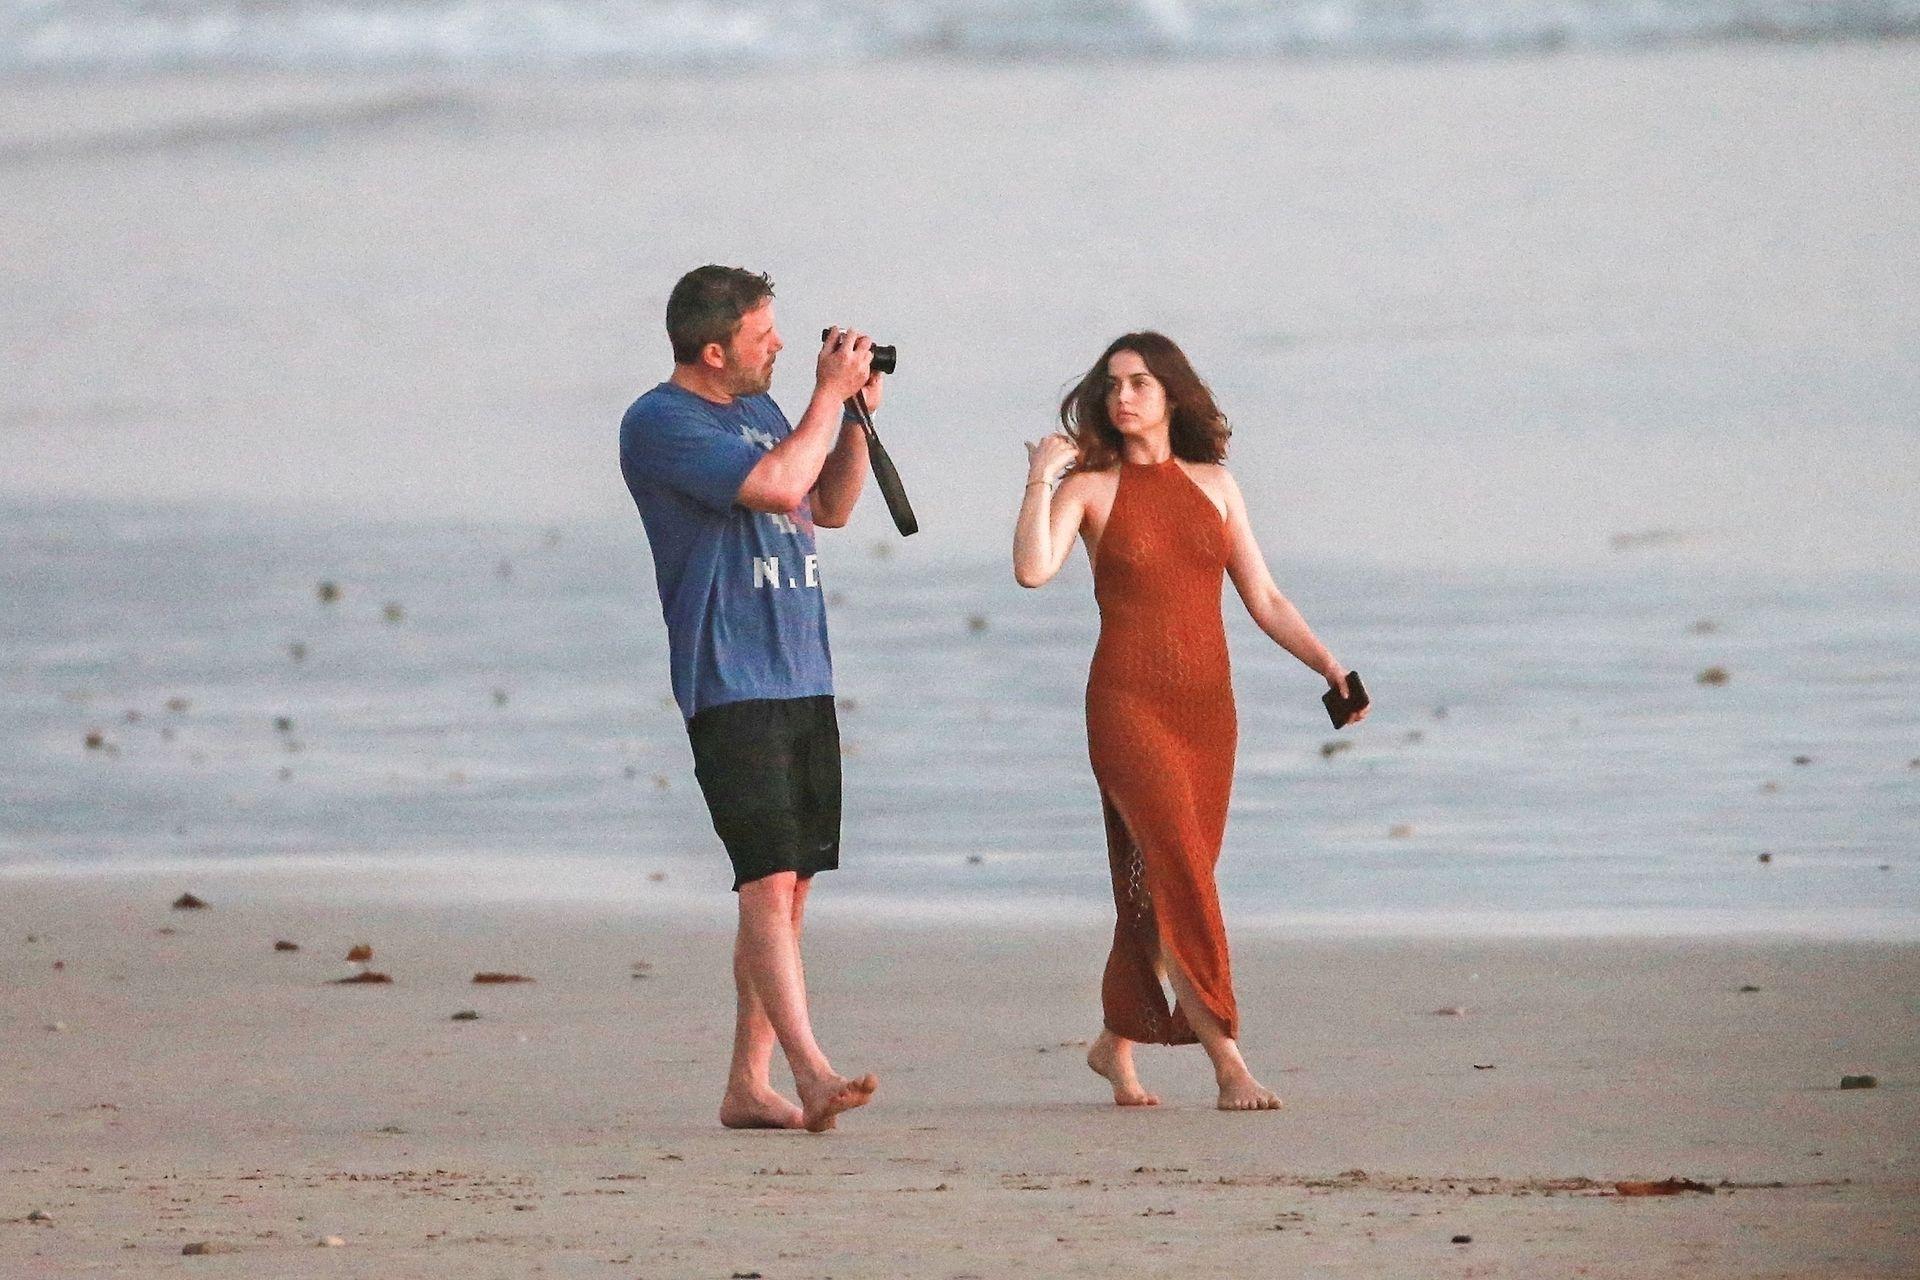 Ben Affleck & Ana De Armas Enjoy A Pda Moment During Romantic Beach Stroll In Costa Rica 0019